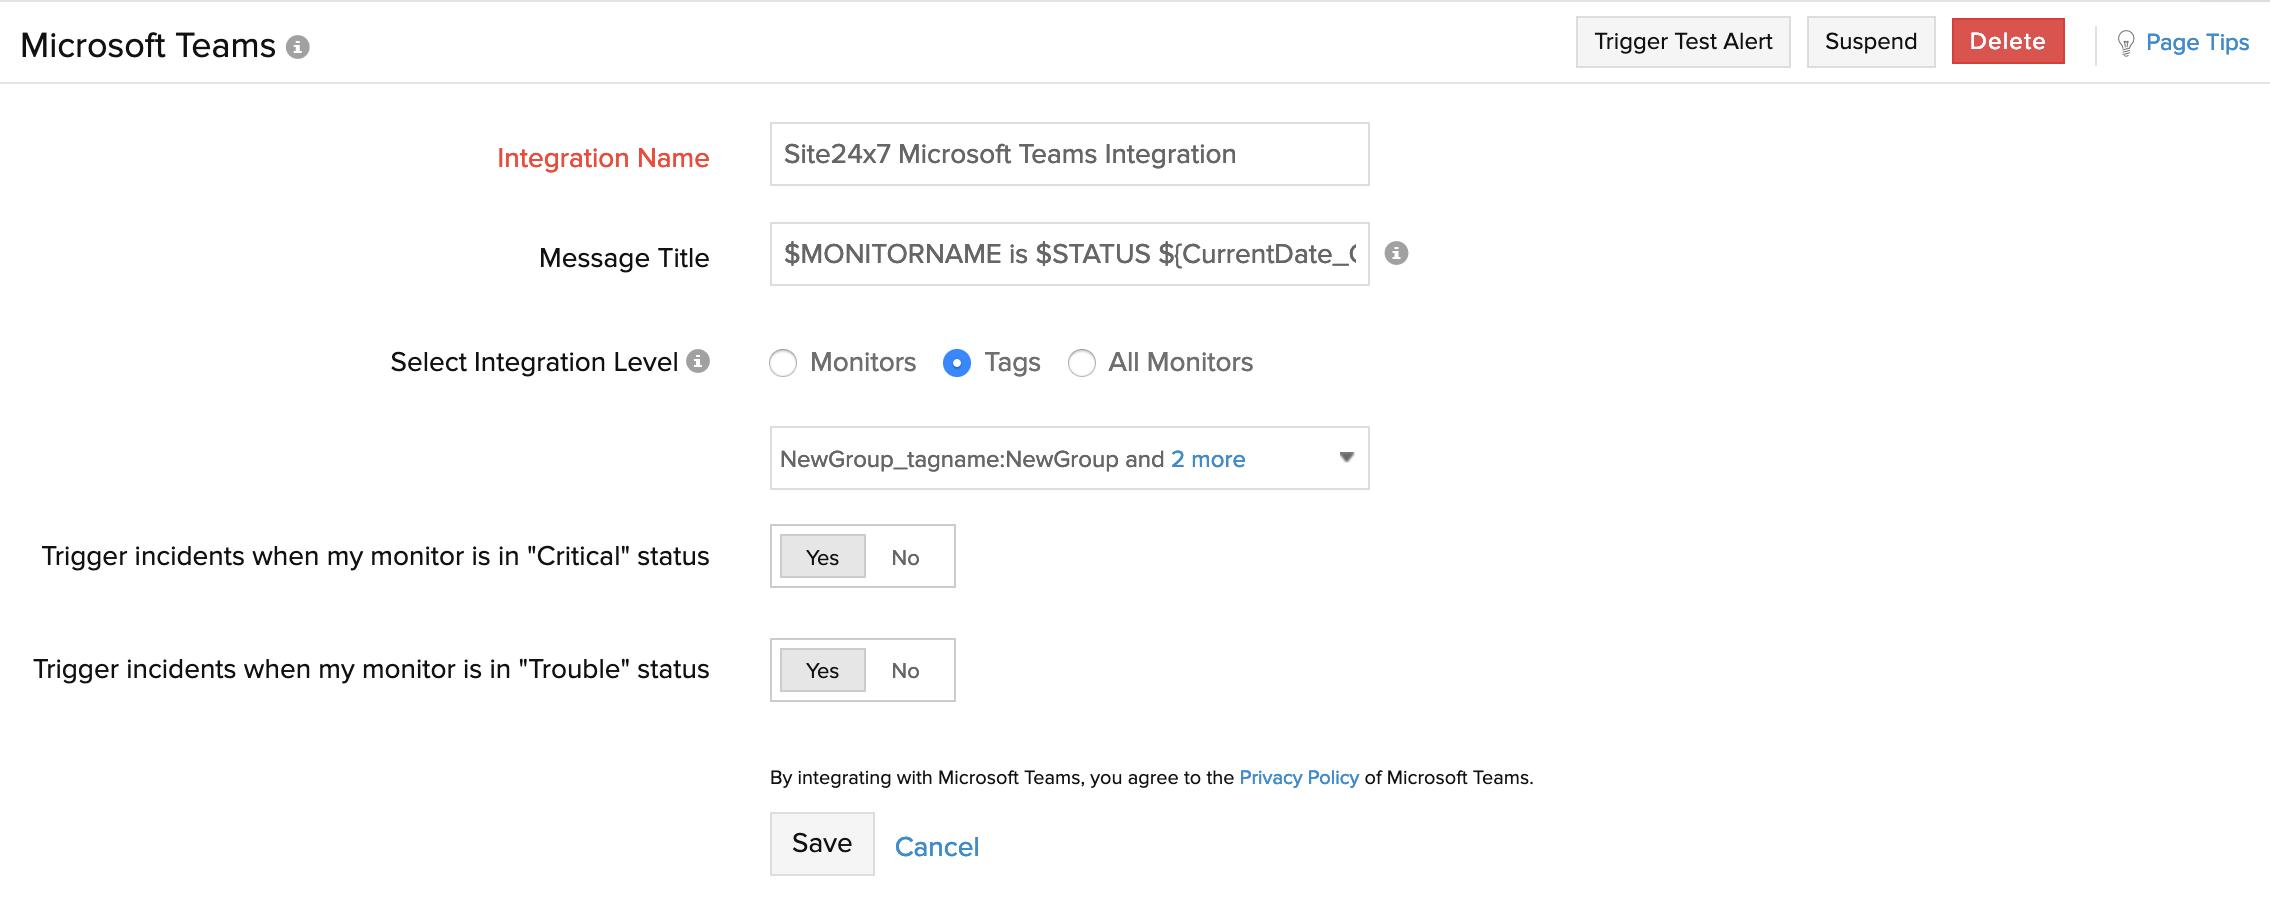 Microsoft Teams | Online Help Site24x7